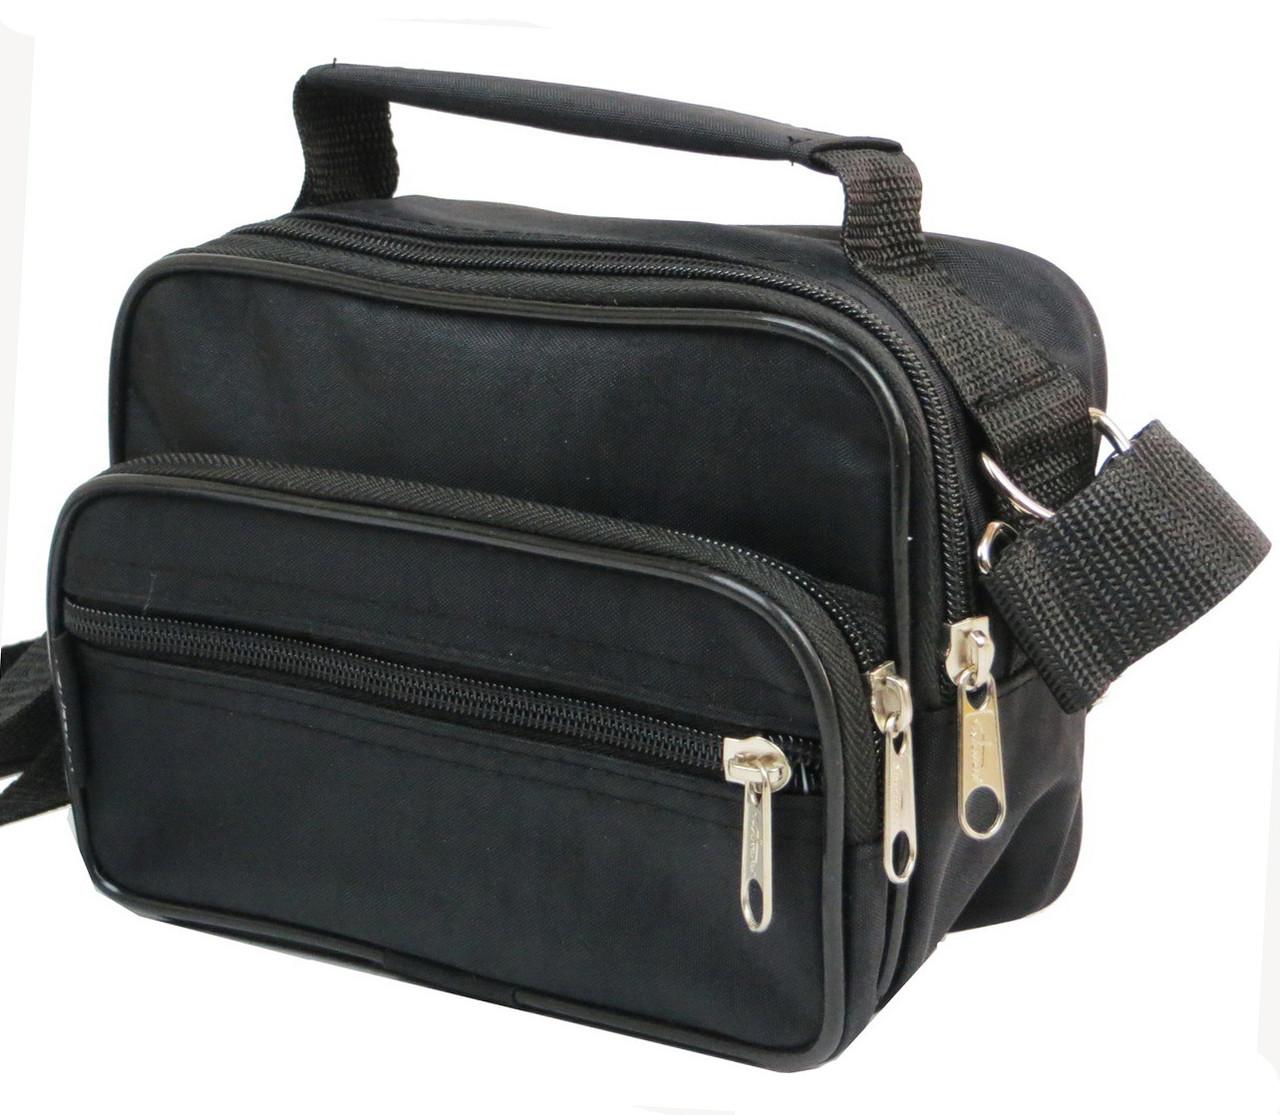 66f1574c4b61 Мужская сумка через плечо Wallaby 2663 черная барсетка на пояс 19х14х7см,  ...